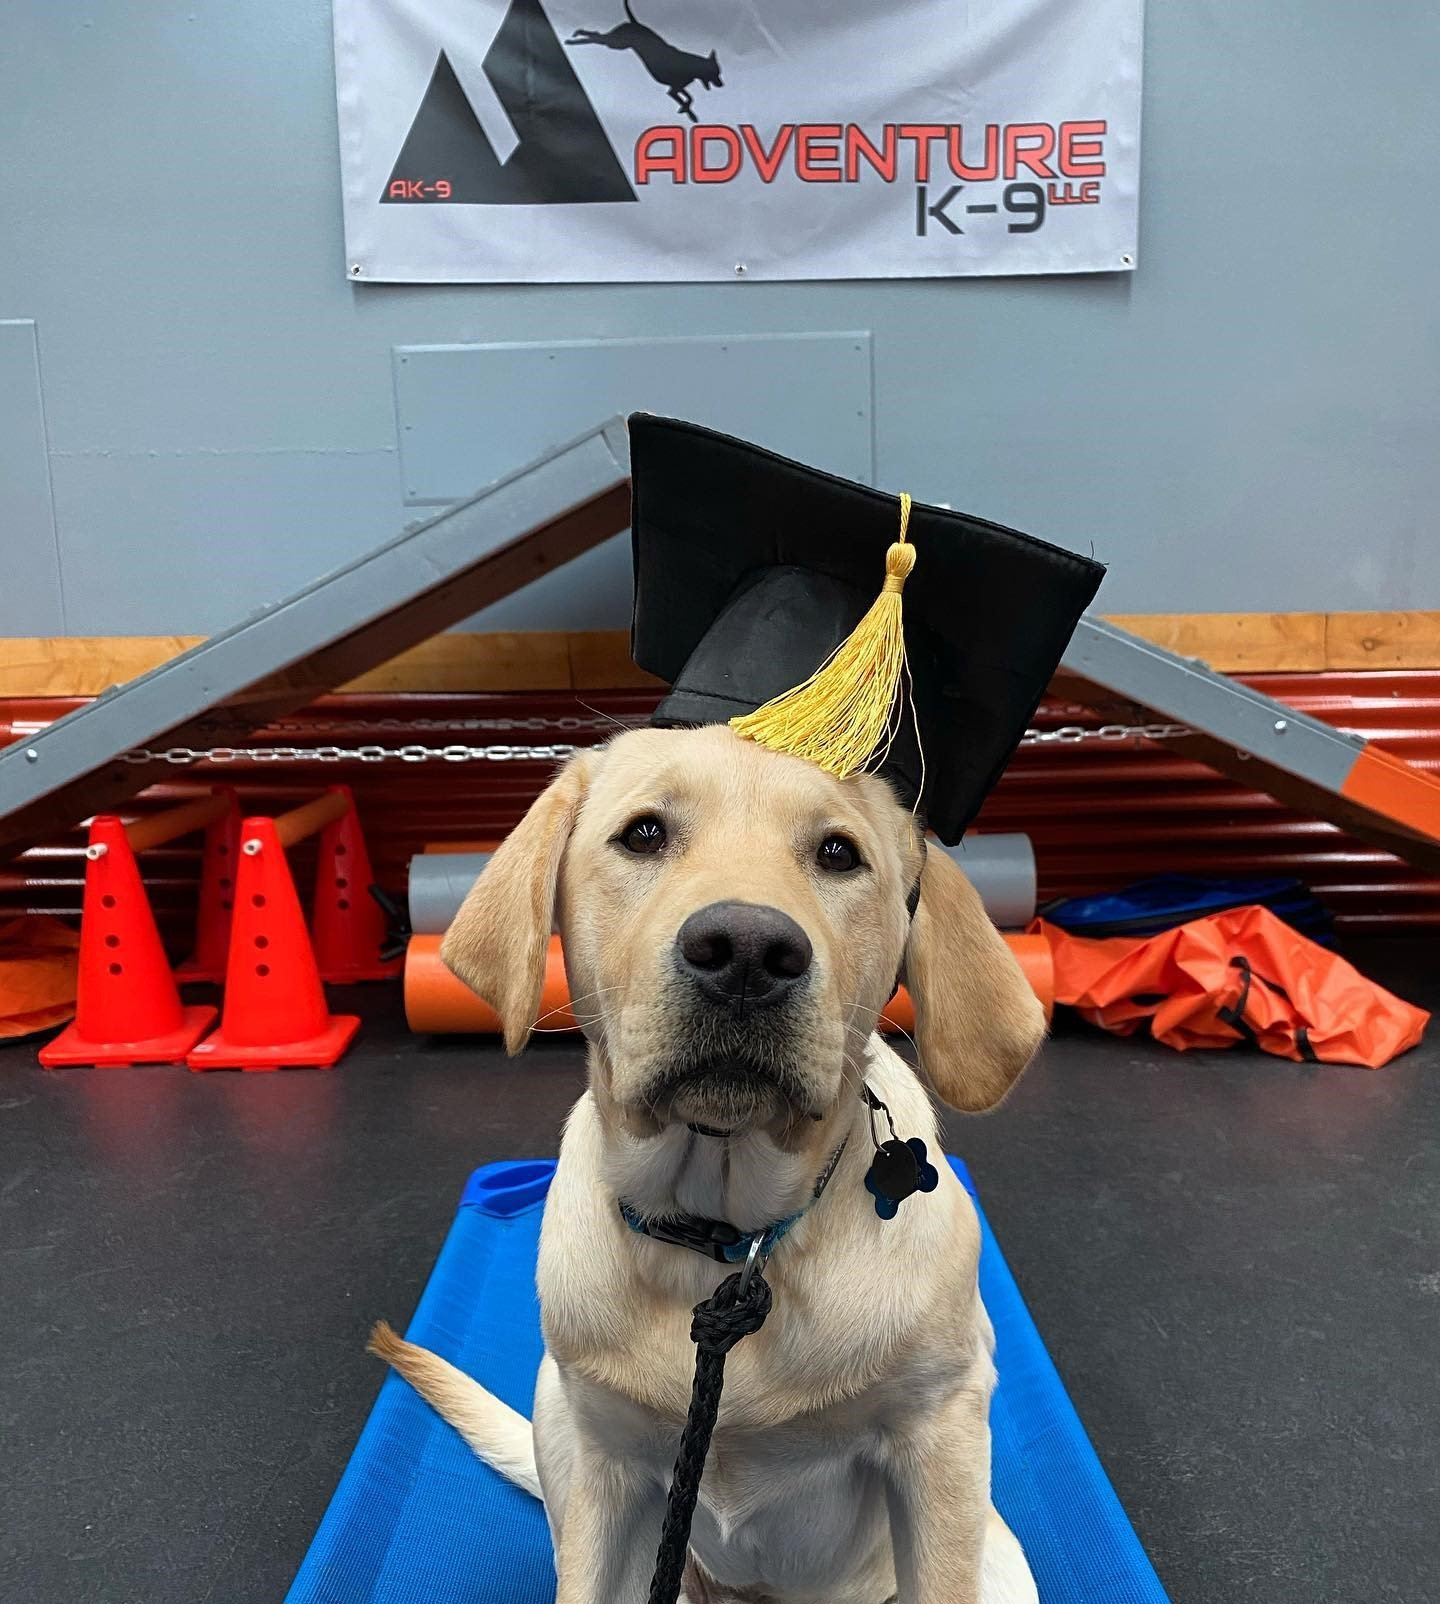 Master Dog Adventure K-9 Dog Training Boise Idaho